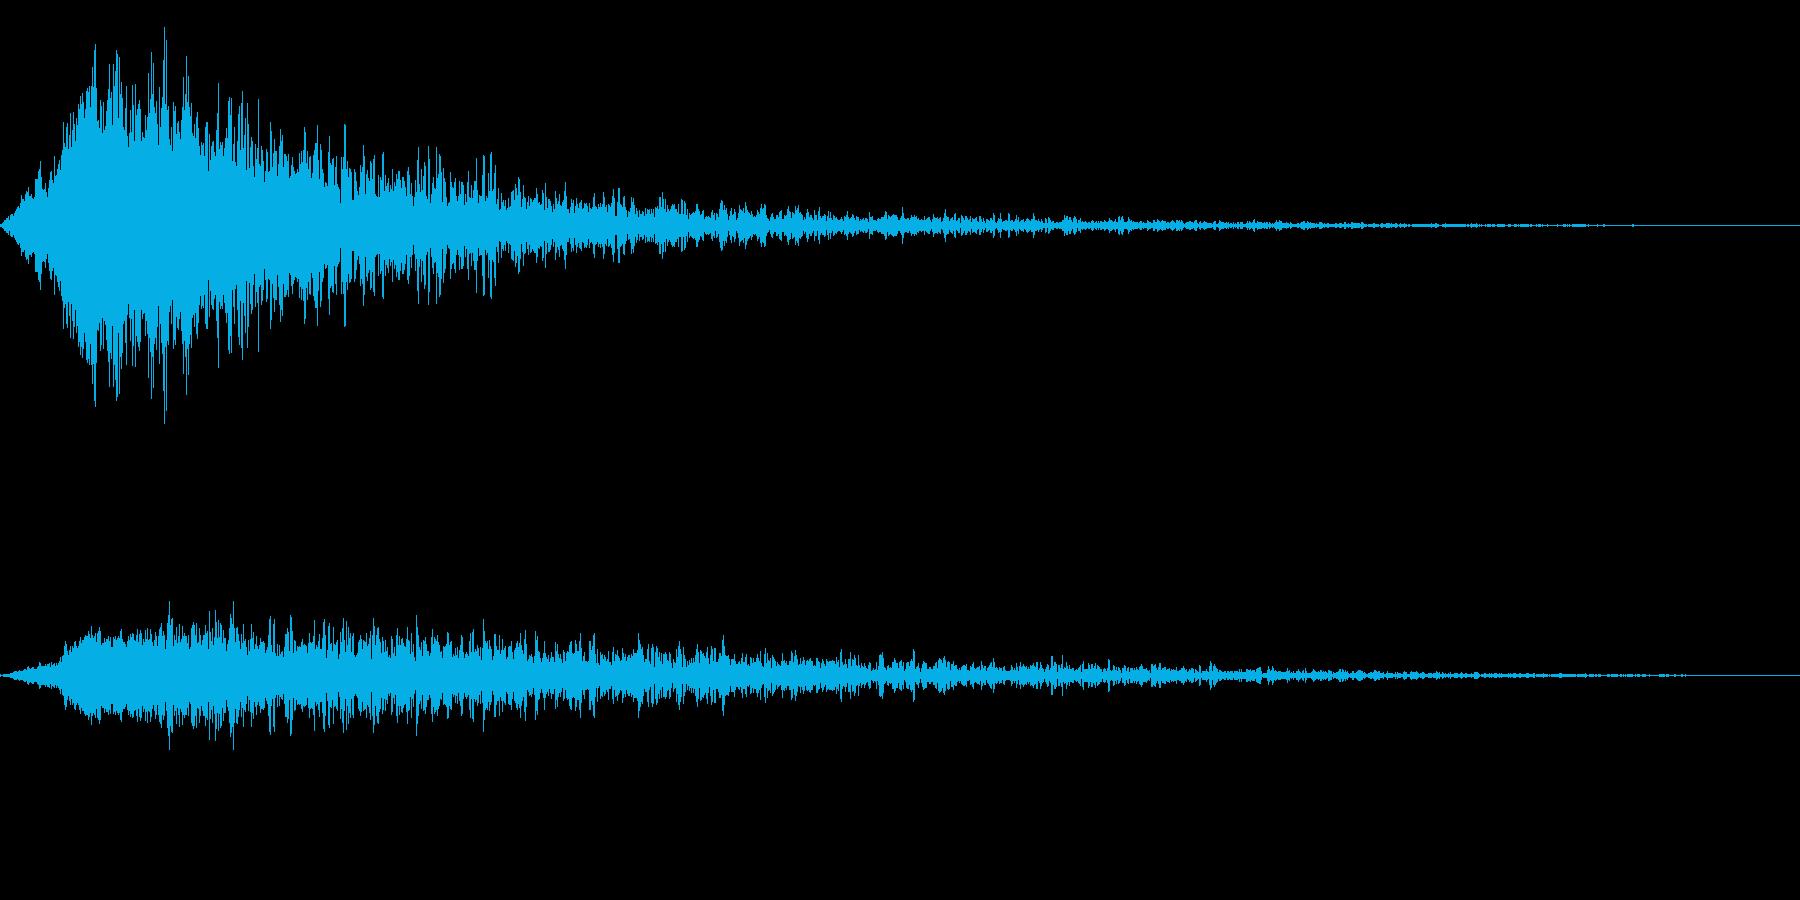 シャキーン!(強烈なインパクト、ロゴ等)の再生済みの波形